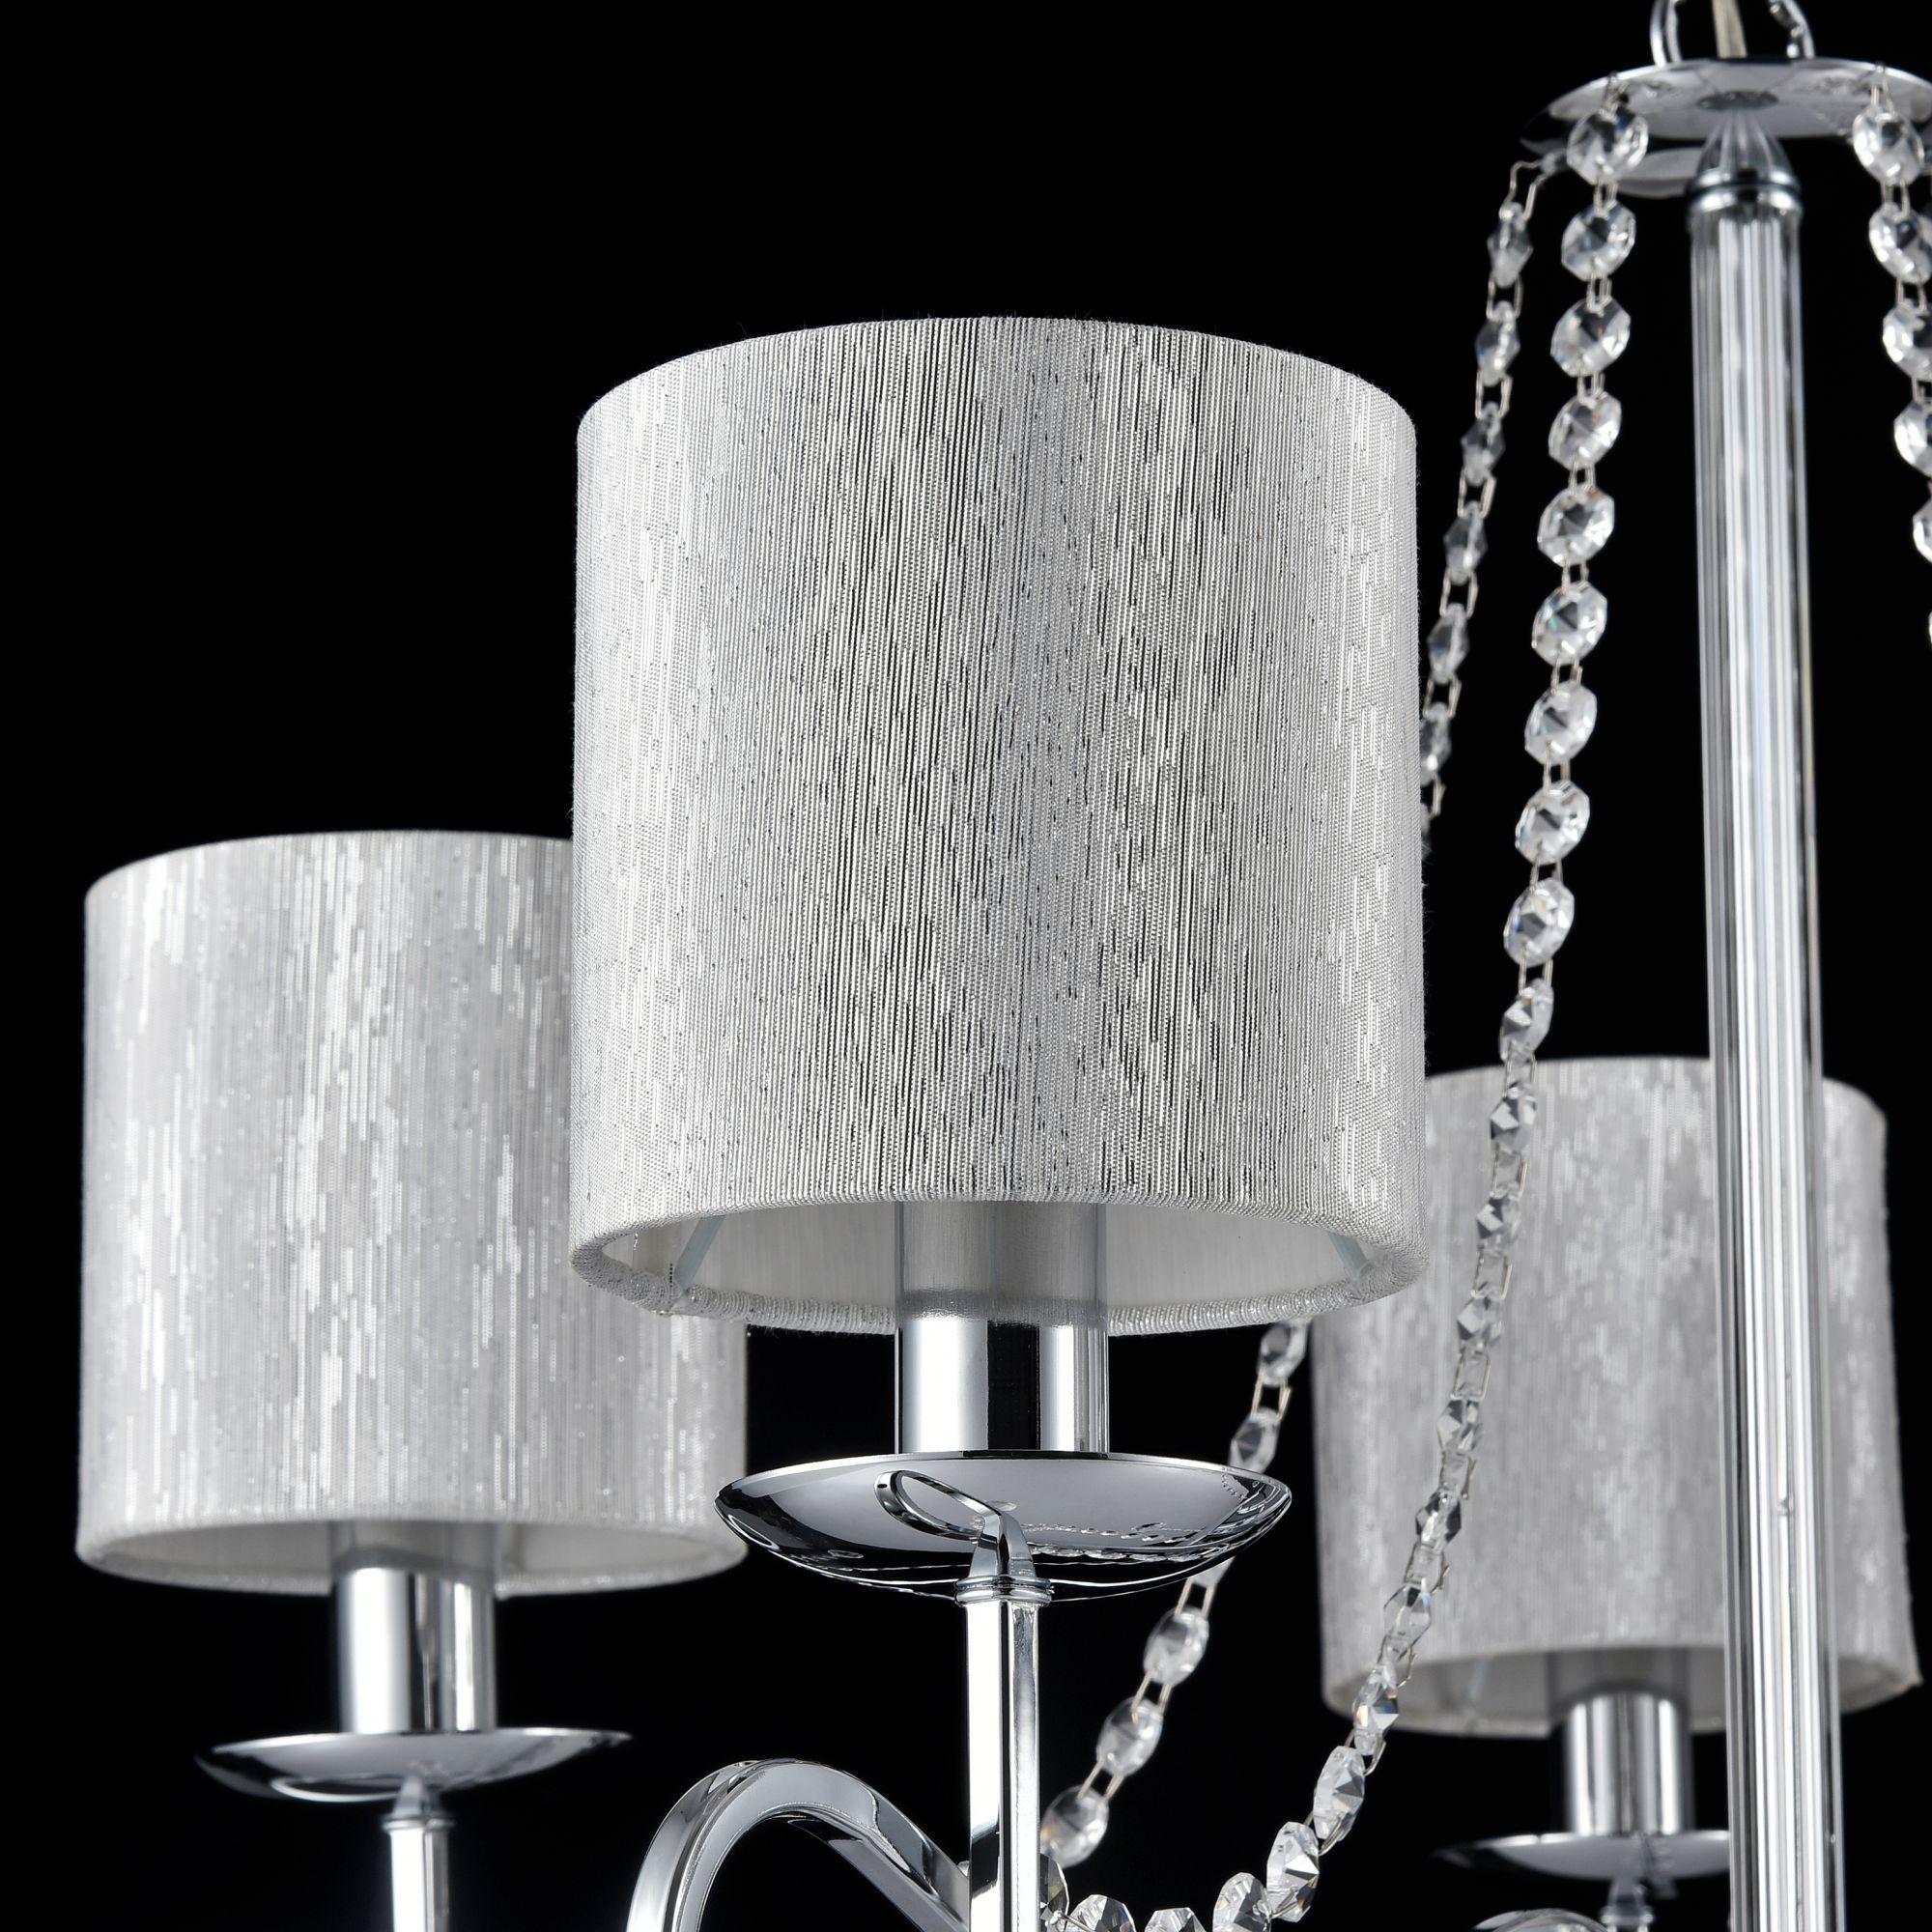 Подвесная люстра Freya Morel FR2907-PL-05-CH (FR907-05-N), 5xE14x40W, хром, серебро, прозрачный, металл, текстиль, хрусталь - фото 5